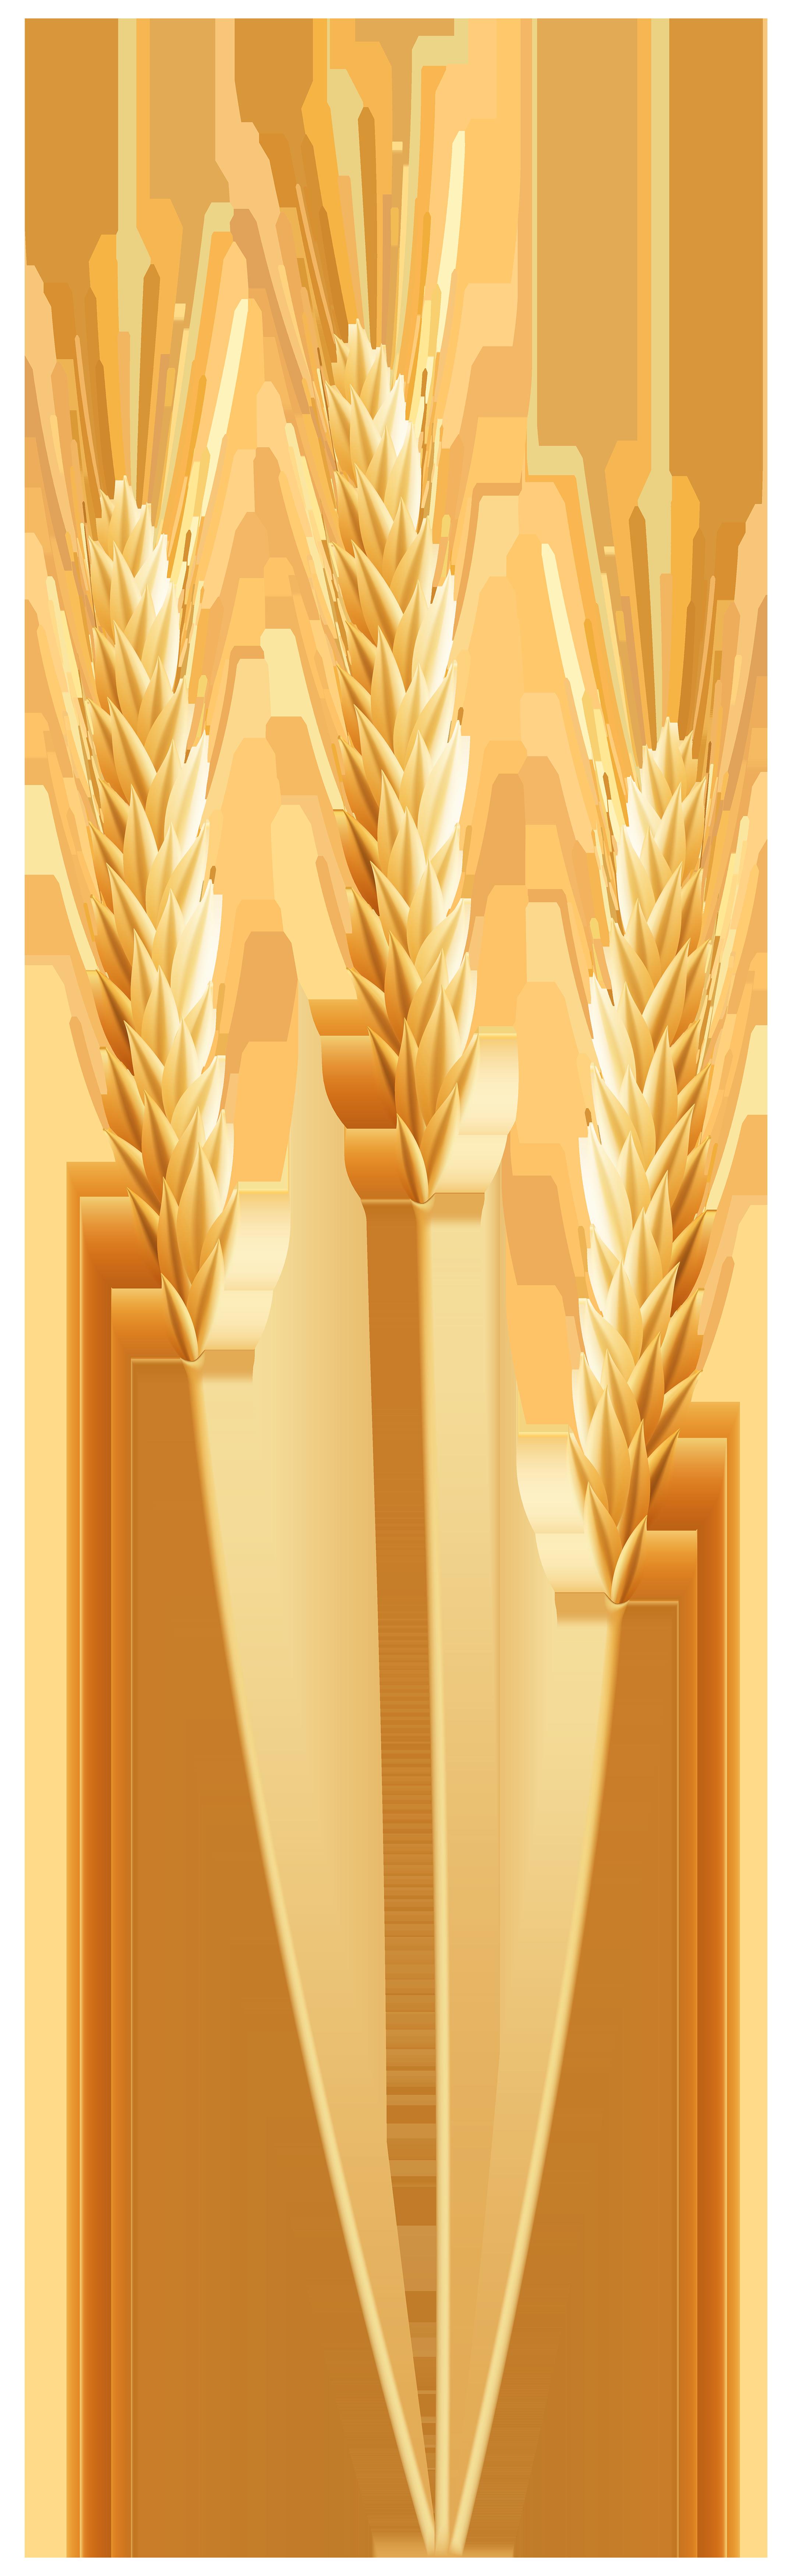 Png clip art image. Grains clipart transparent background wheat